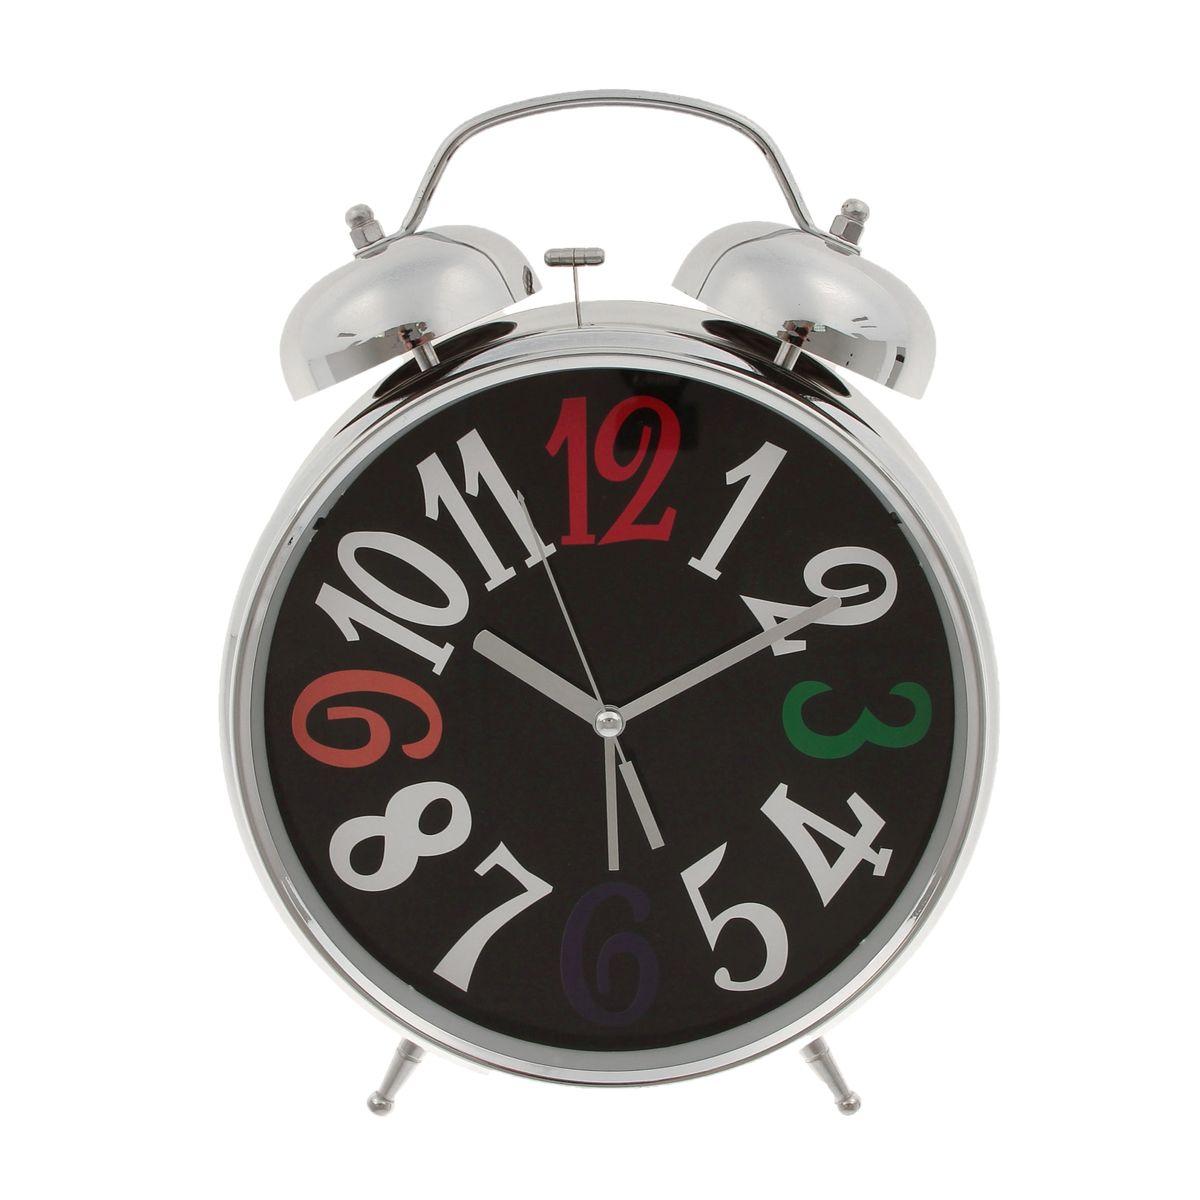 будильник большой хром с подсветкой 3,6,9,12 разноцветные 2 звоночка d23см 720872720872Металл,стекло